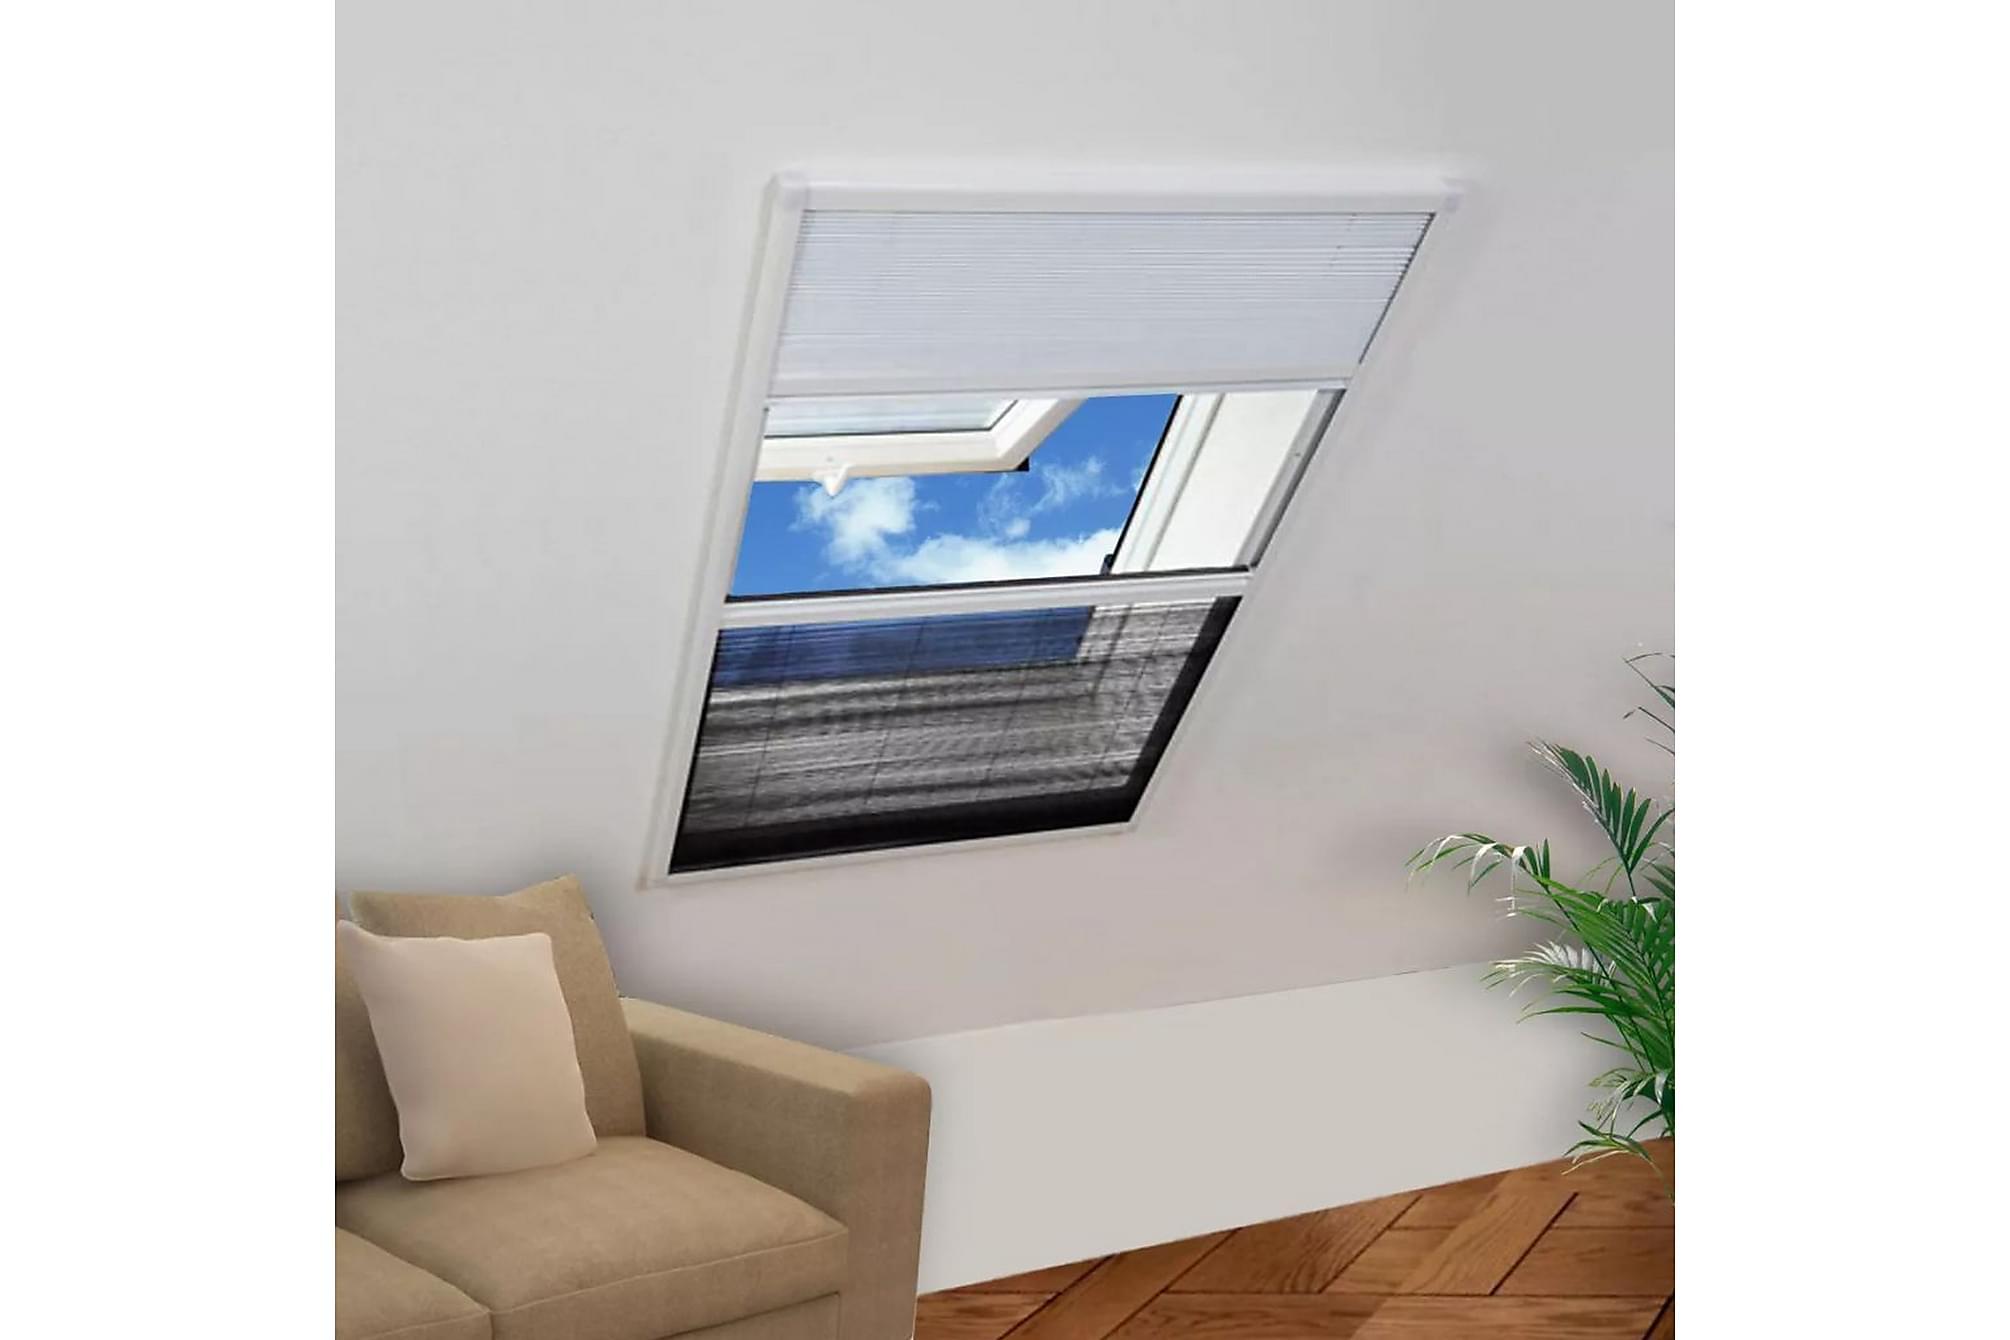 Insektsnät plissé till fönster 160 x 110 cm med solskydd, Myggnät